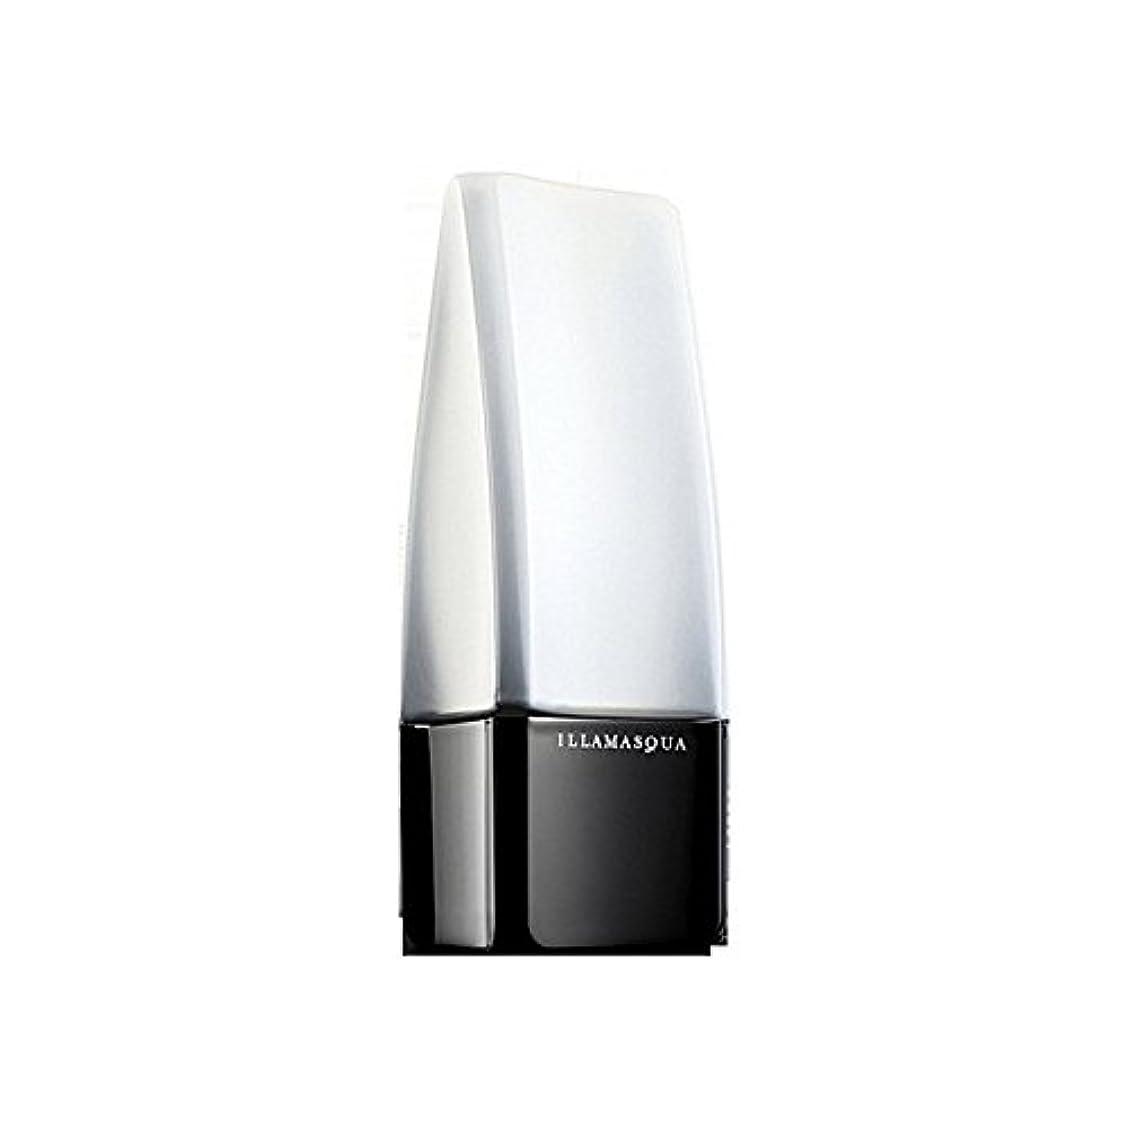 雄弁バウンスアーティファクトIllamasqua Matt Primer Spf 20 30ml - マットプライマー 20 30ミリリットル [並行輸入品]